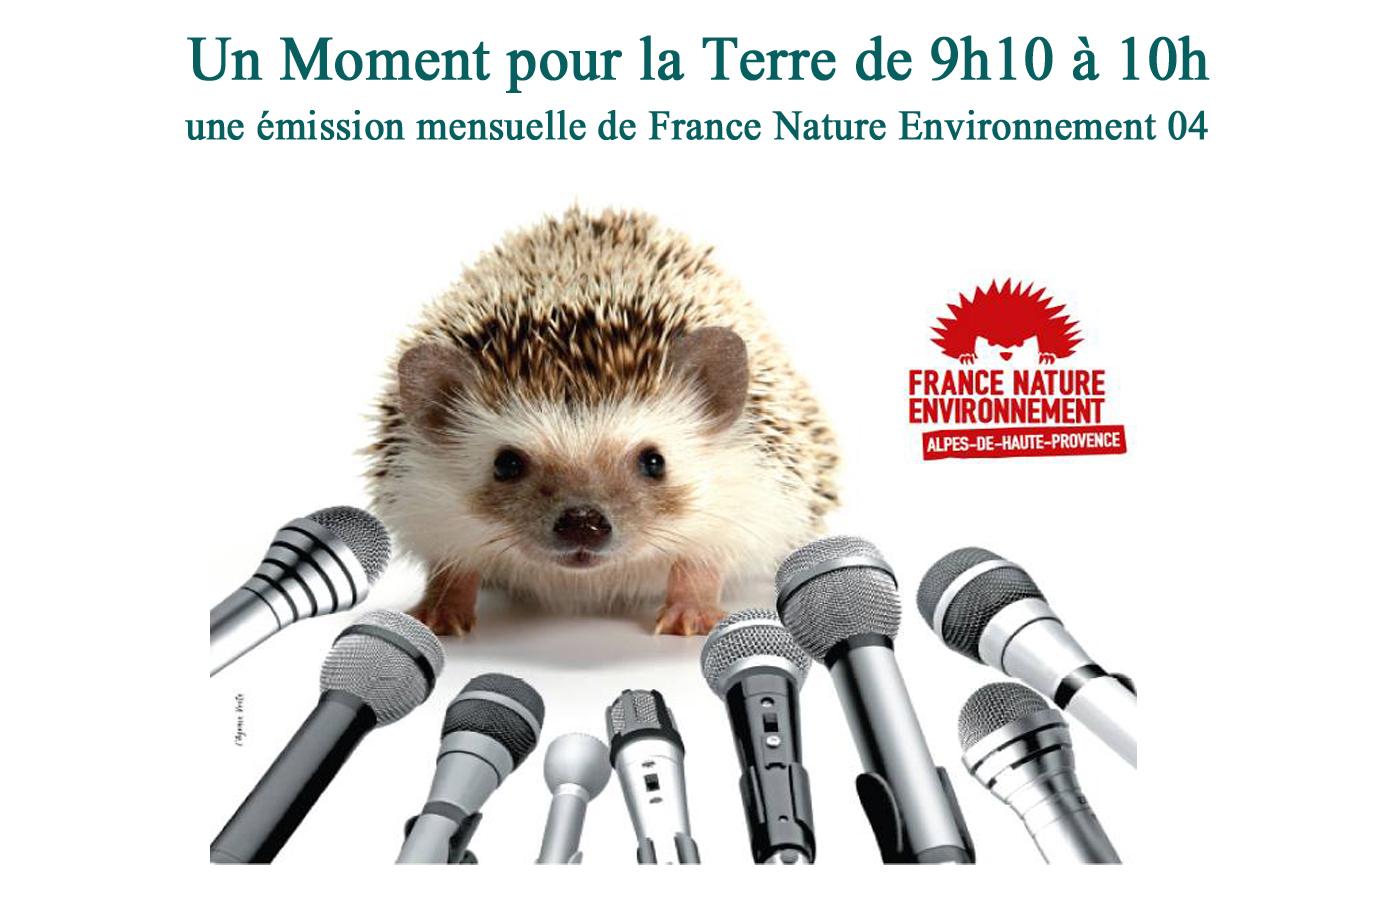 Un moment pour la terre avec France Nature Environnement - Les couleurs